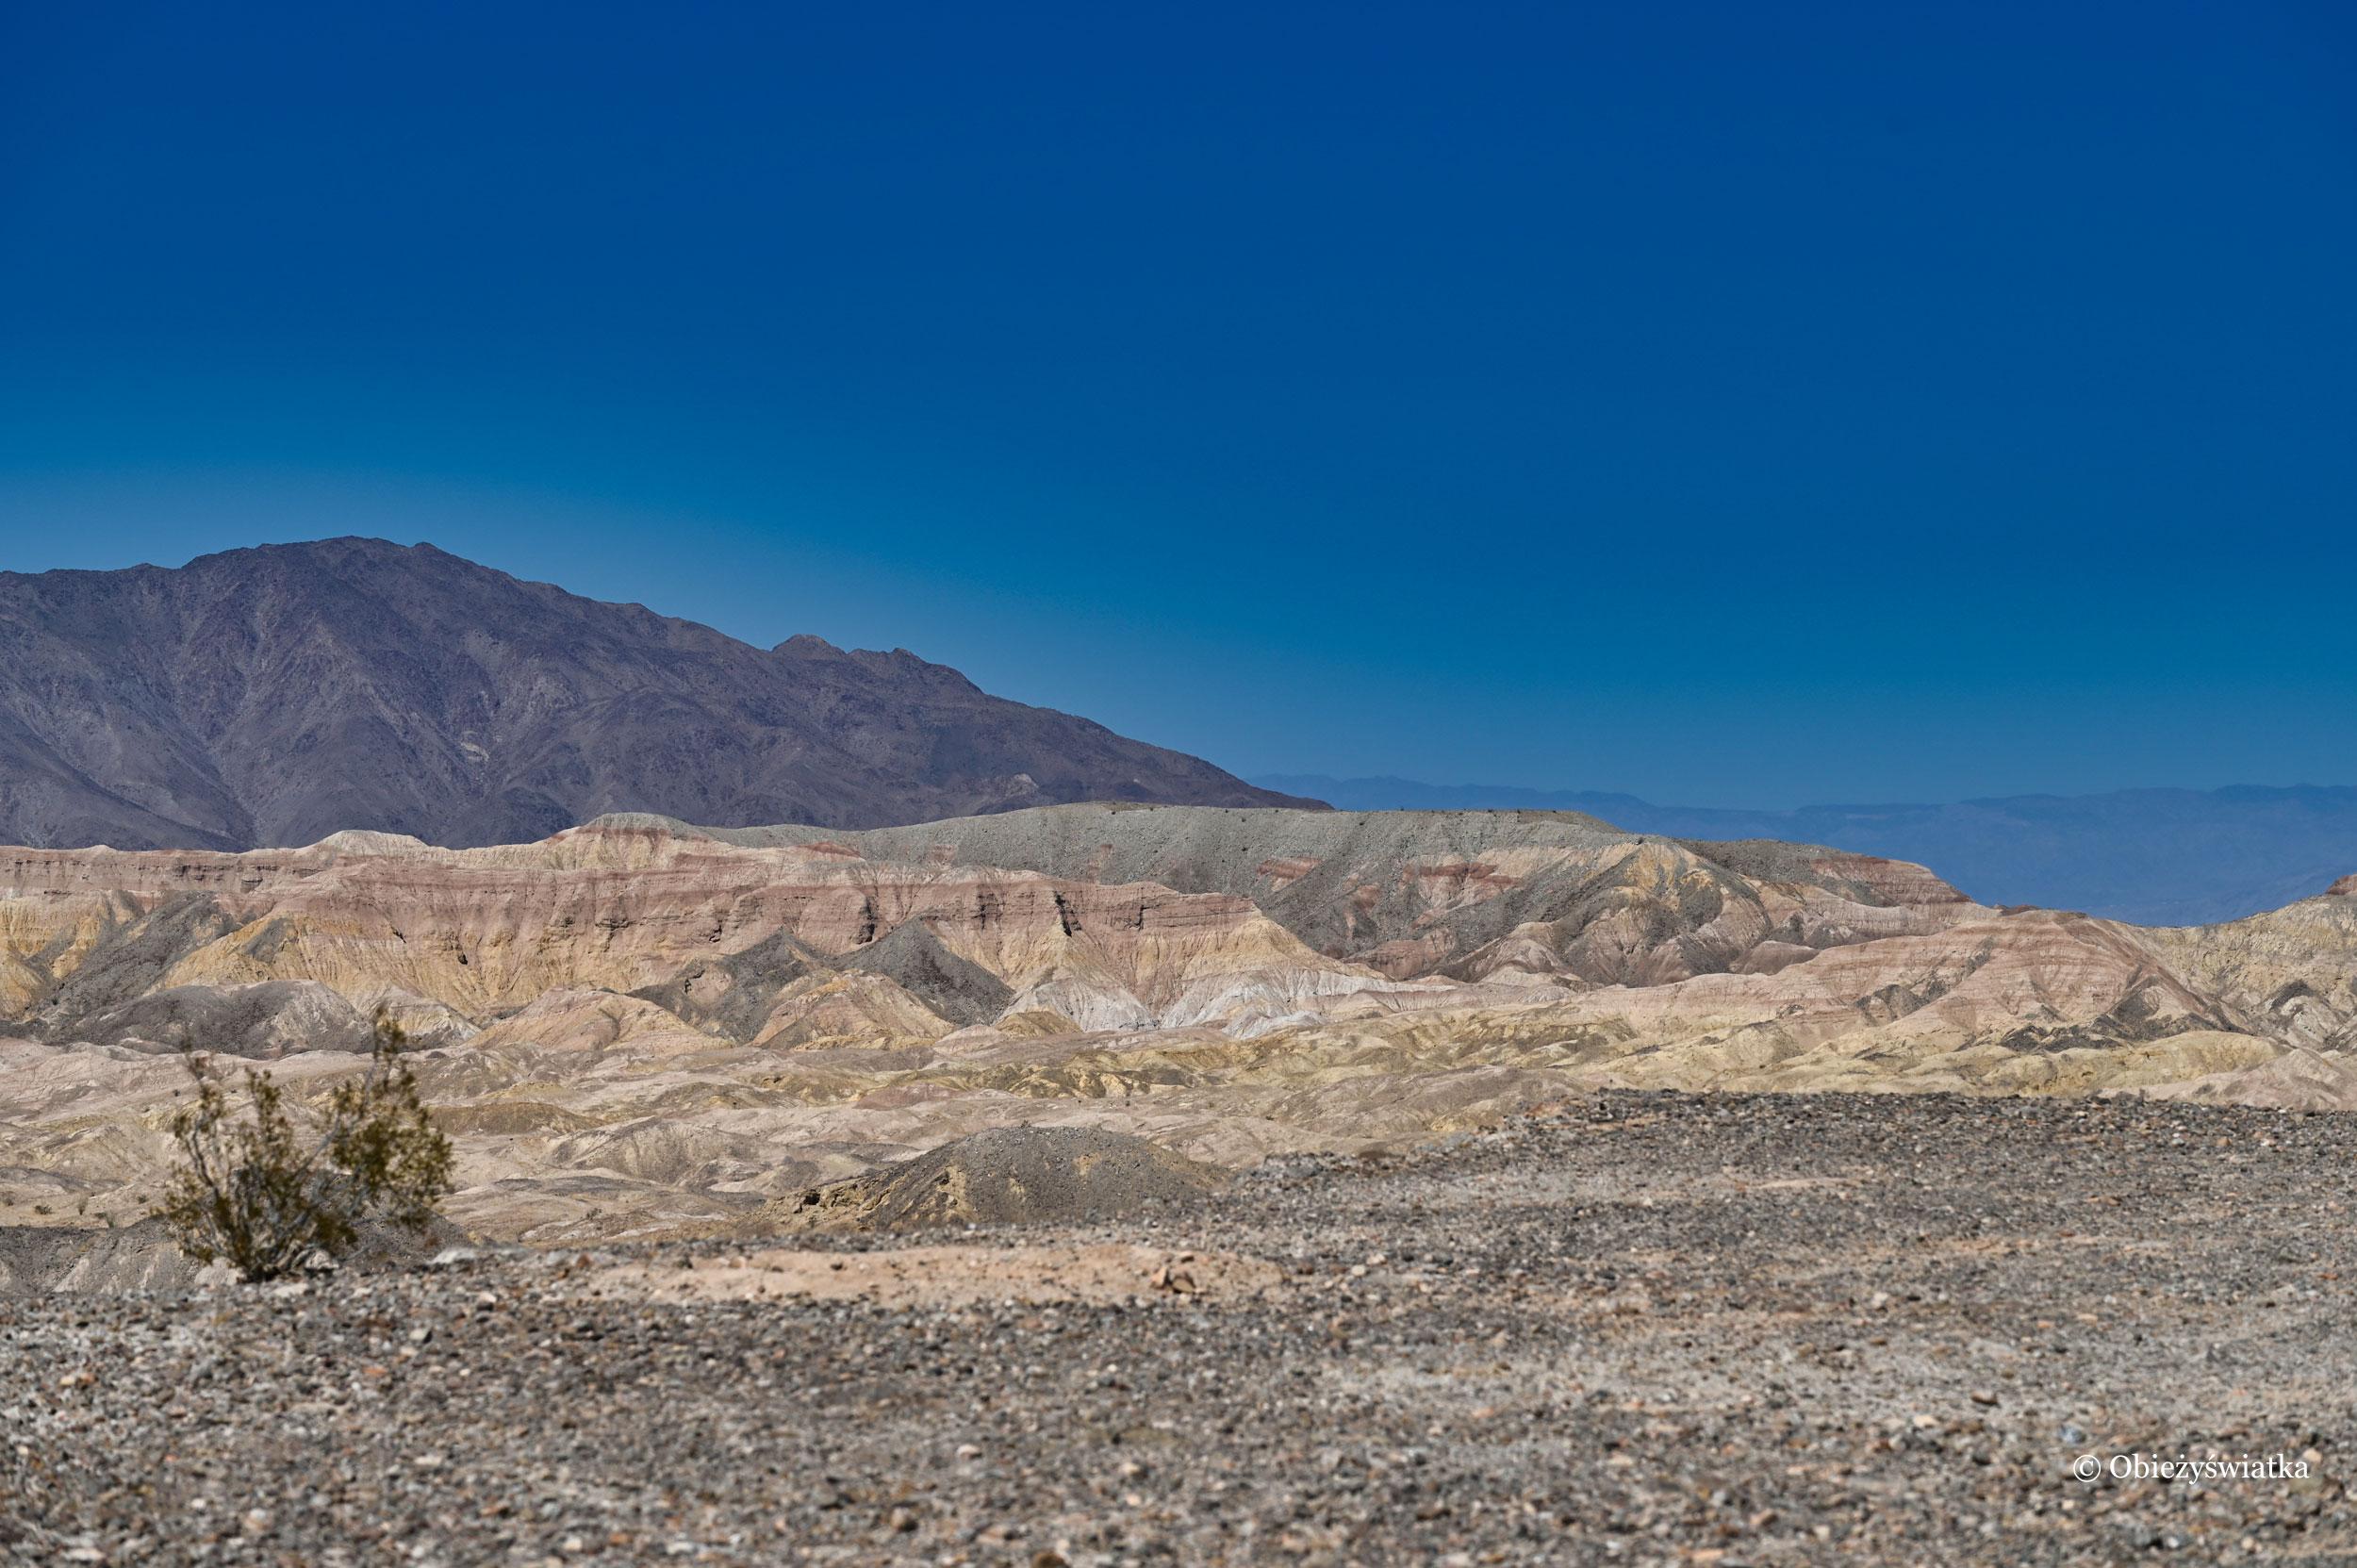 Pustynnie i górzysto - Anza Borrego Desert State Park, Kalifornia